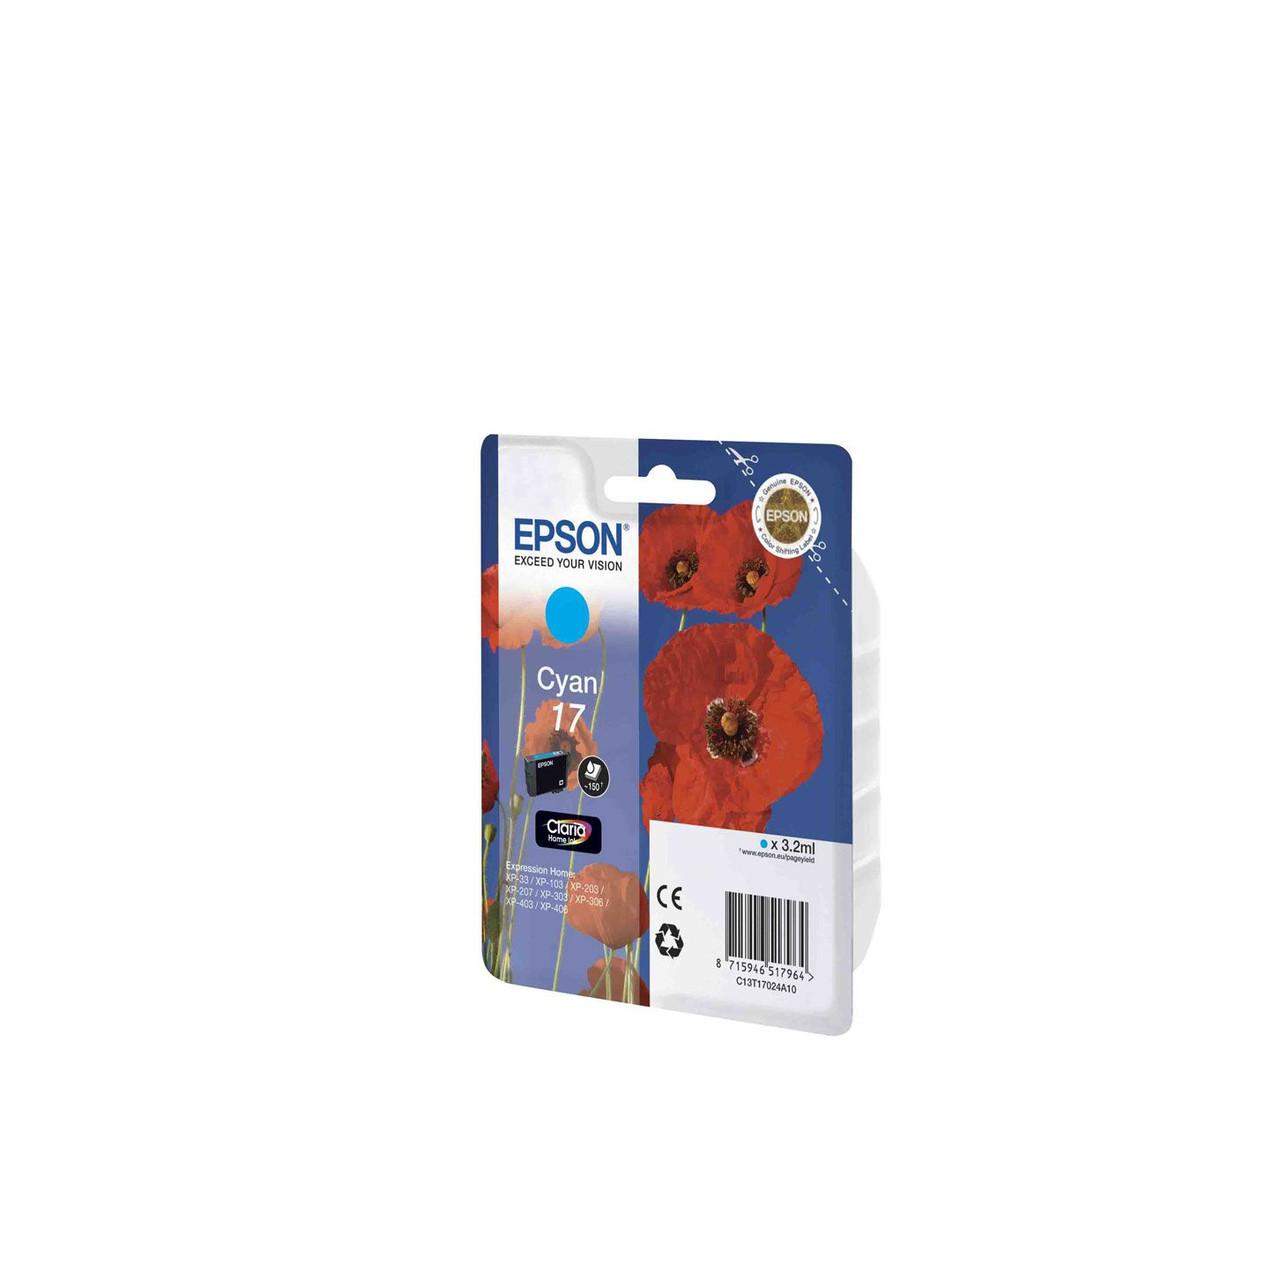 Струйный картридж Epson 17 (Оригинальный, Голубой - Cyan) C13T17024A10